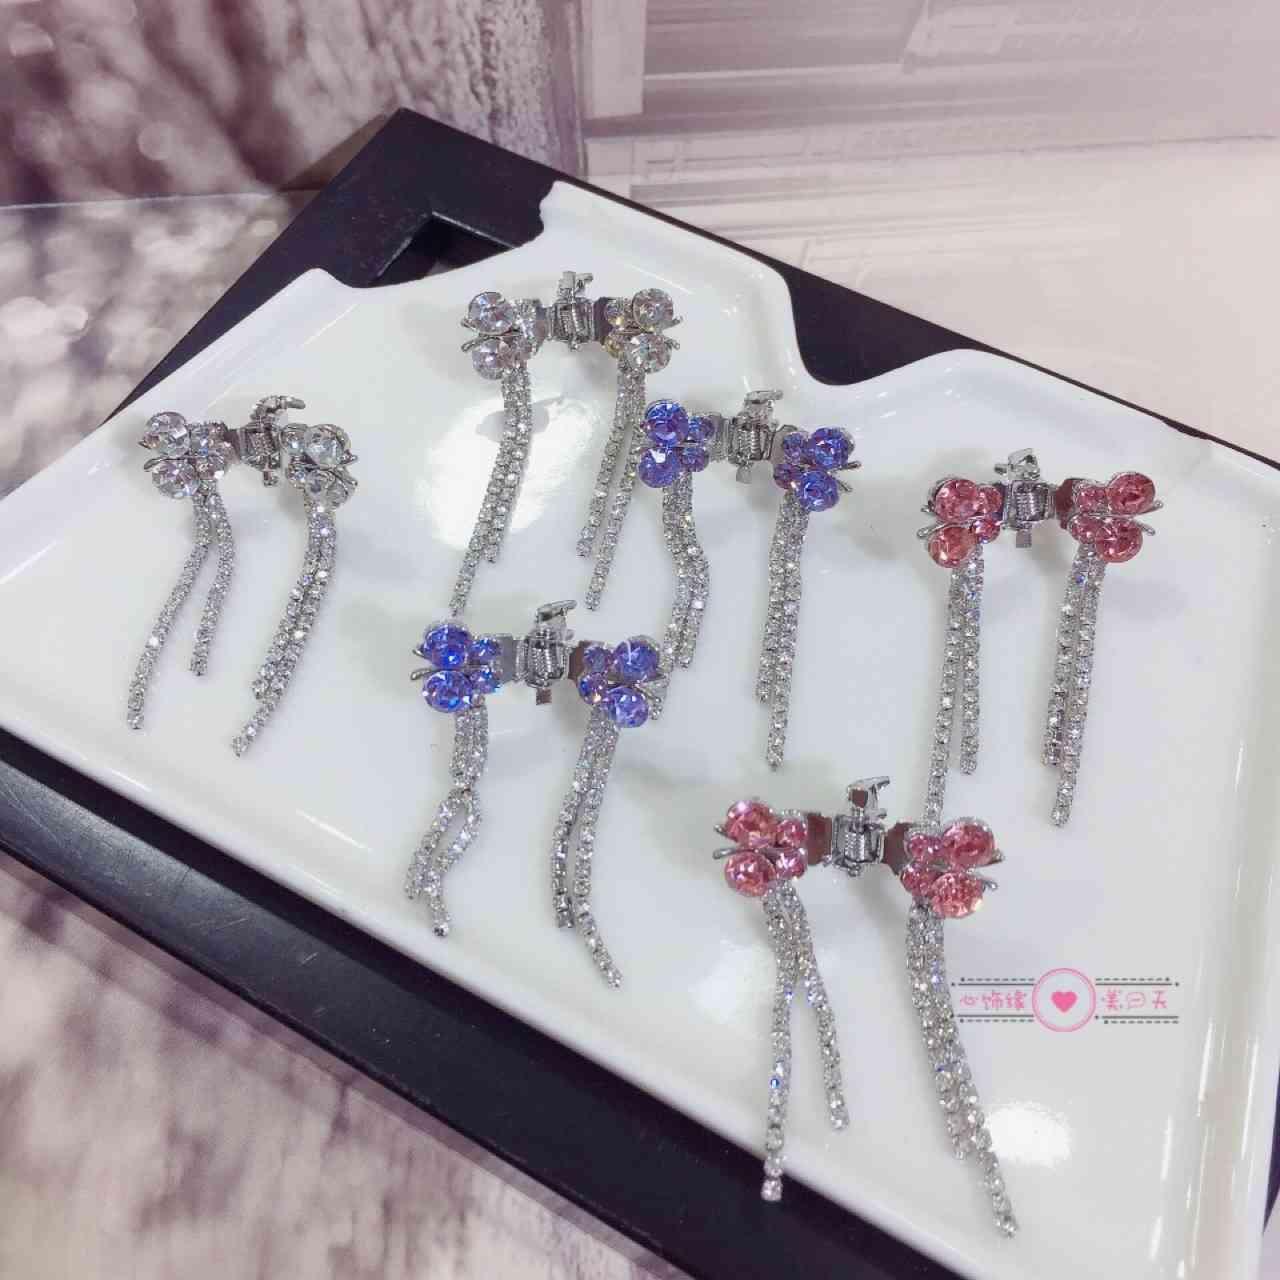 Nova Moda Hairpin Placa Coreana Voando Borboleta Com Diamante Tassel Long Garra Clipe Trançado Cabelo Princesa Princesa